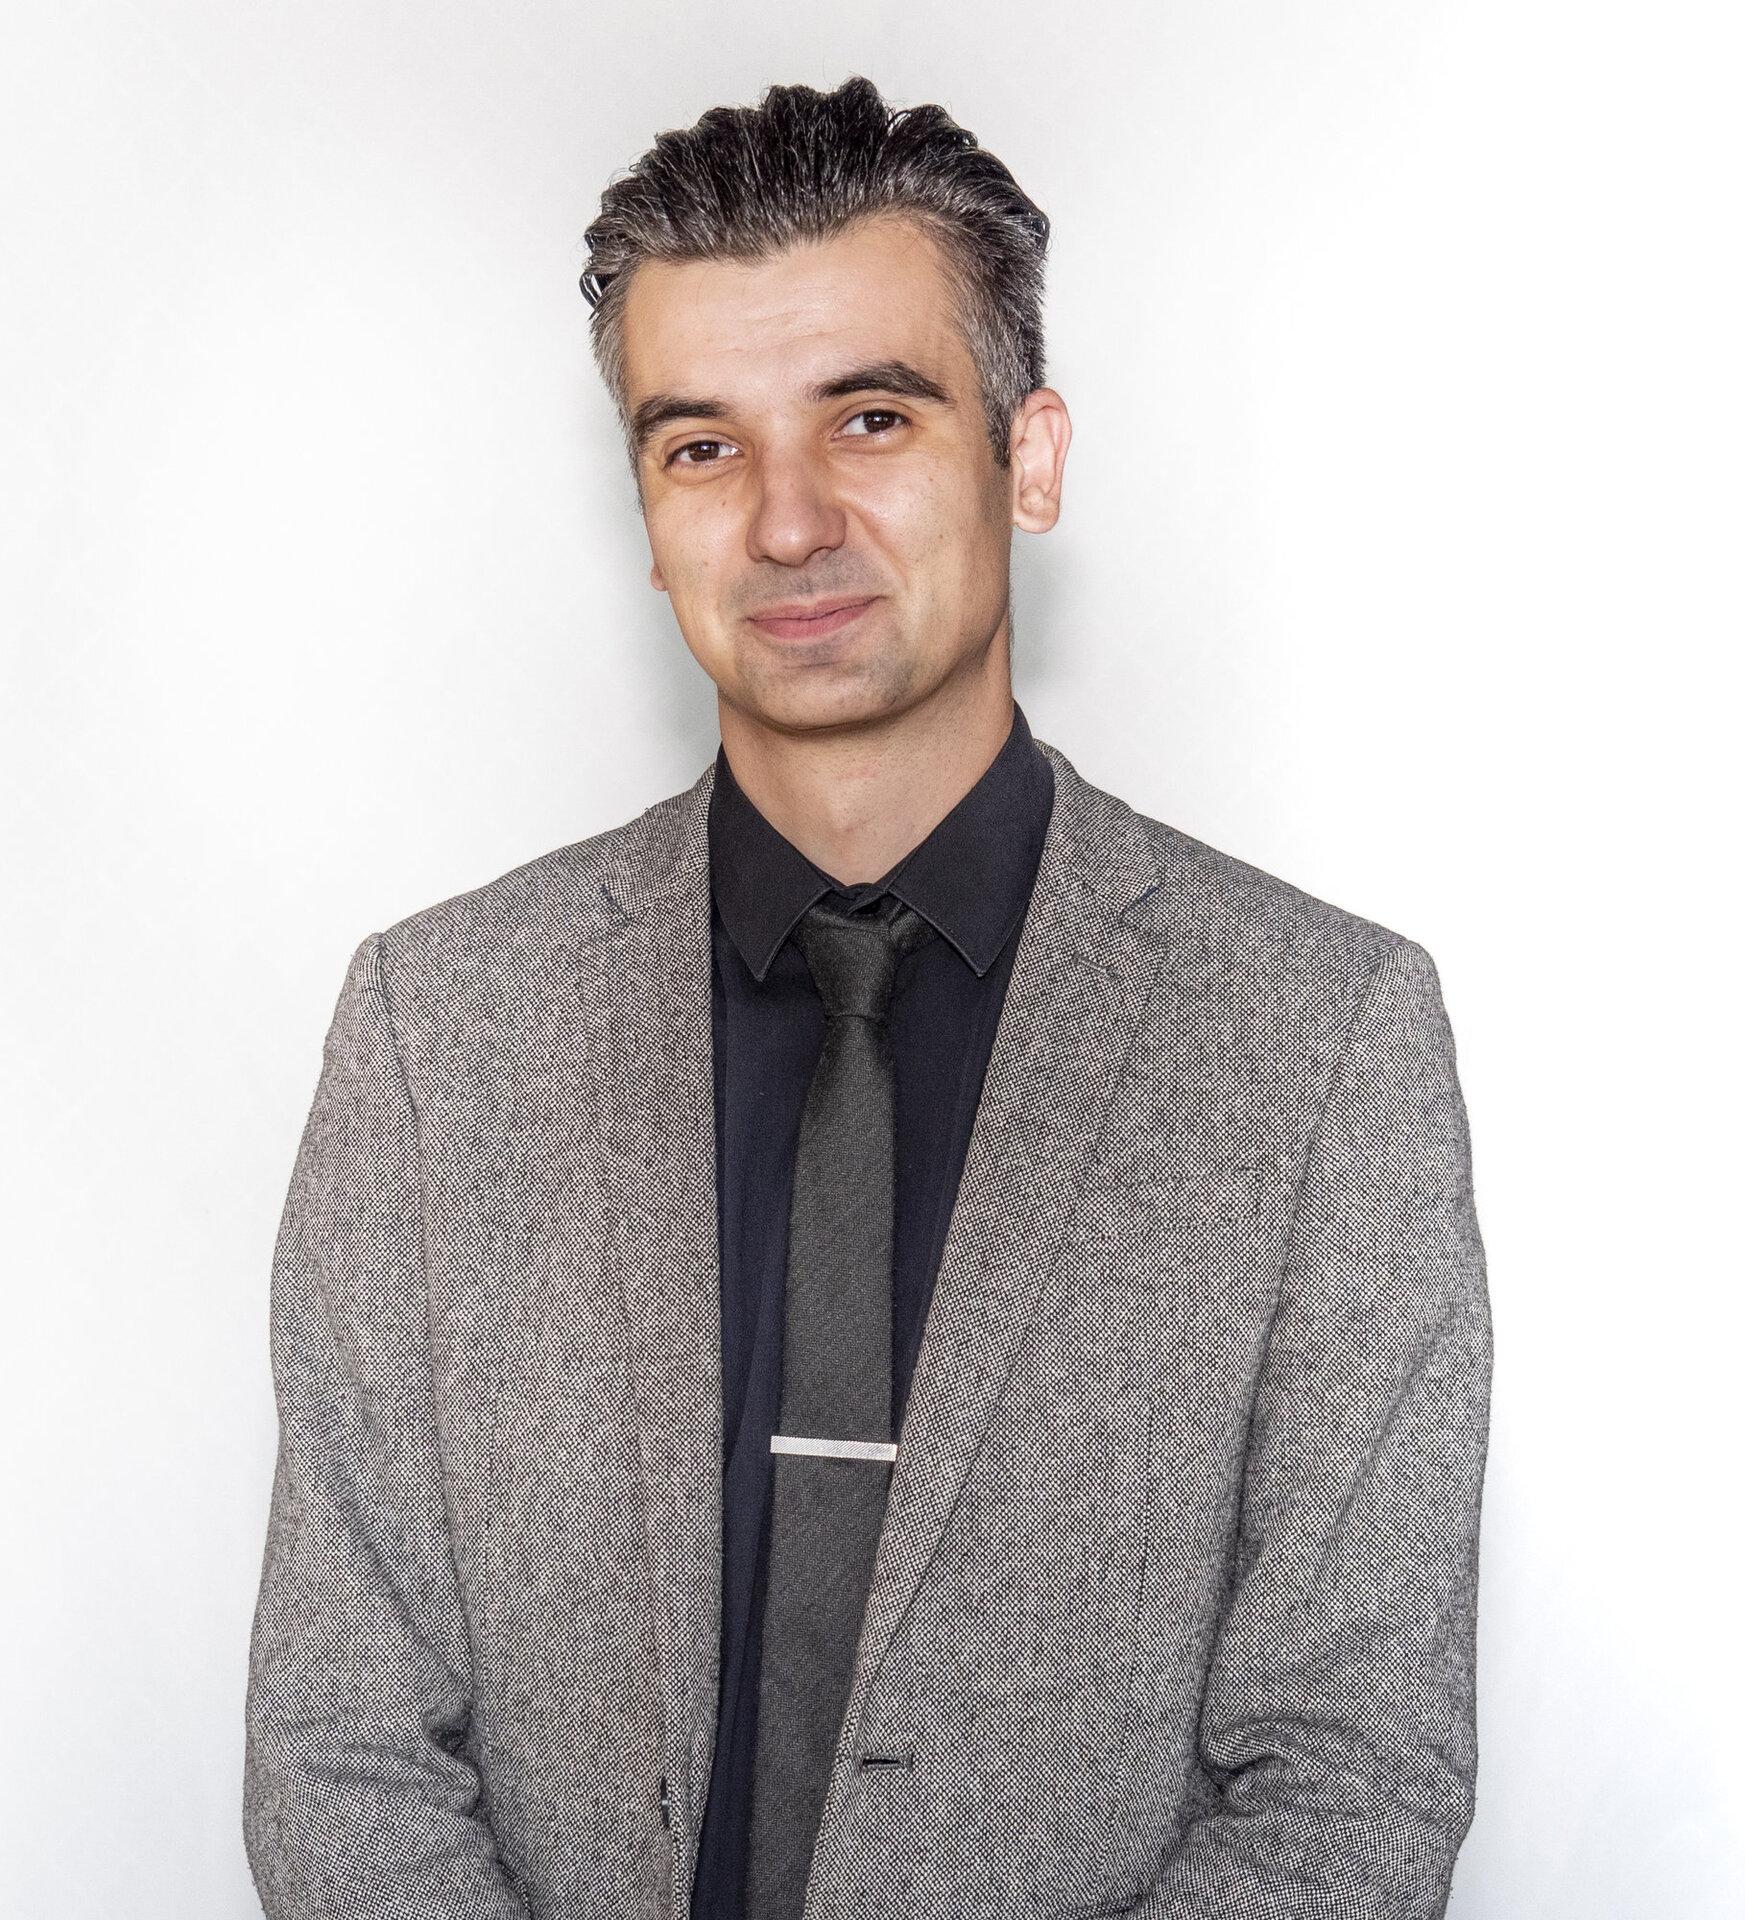 Dimitar Minkov